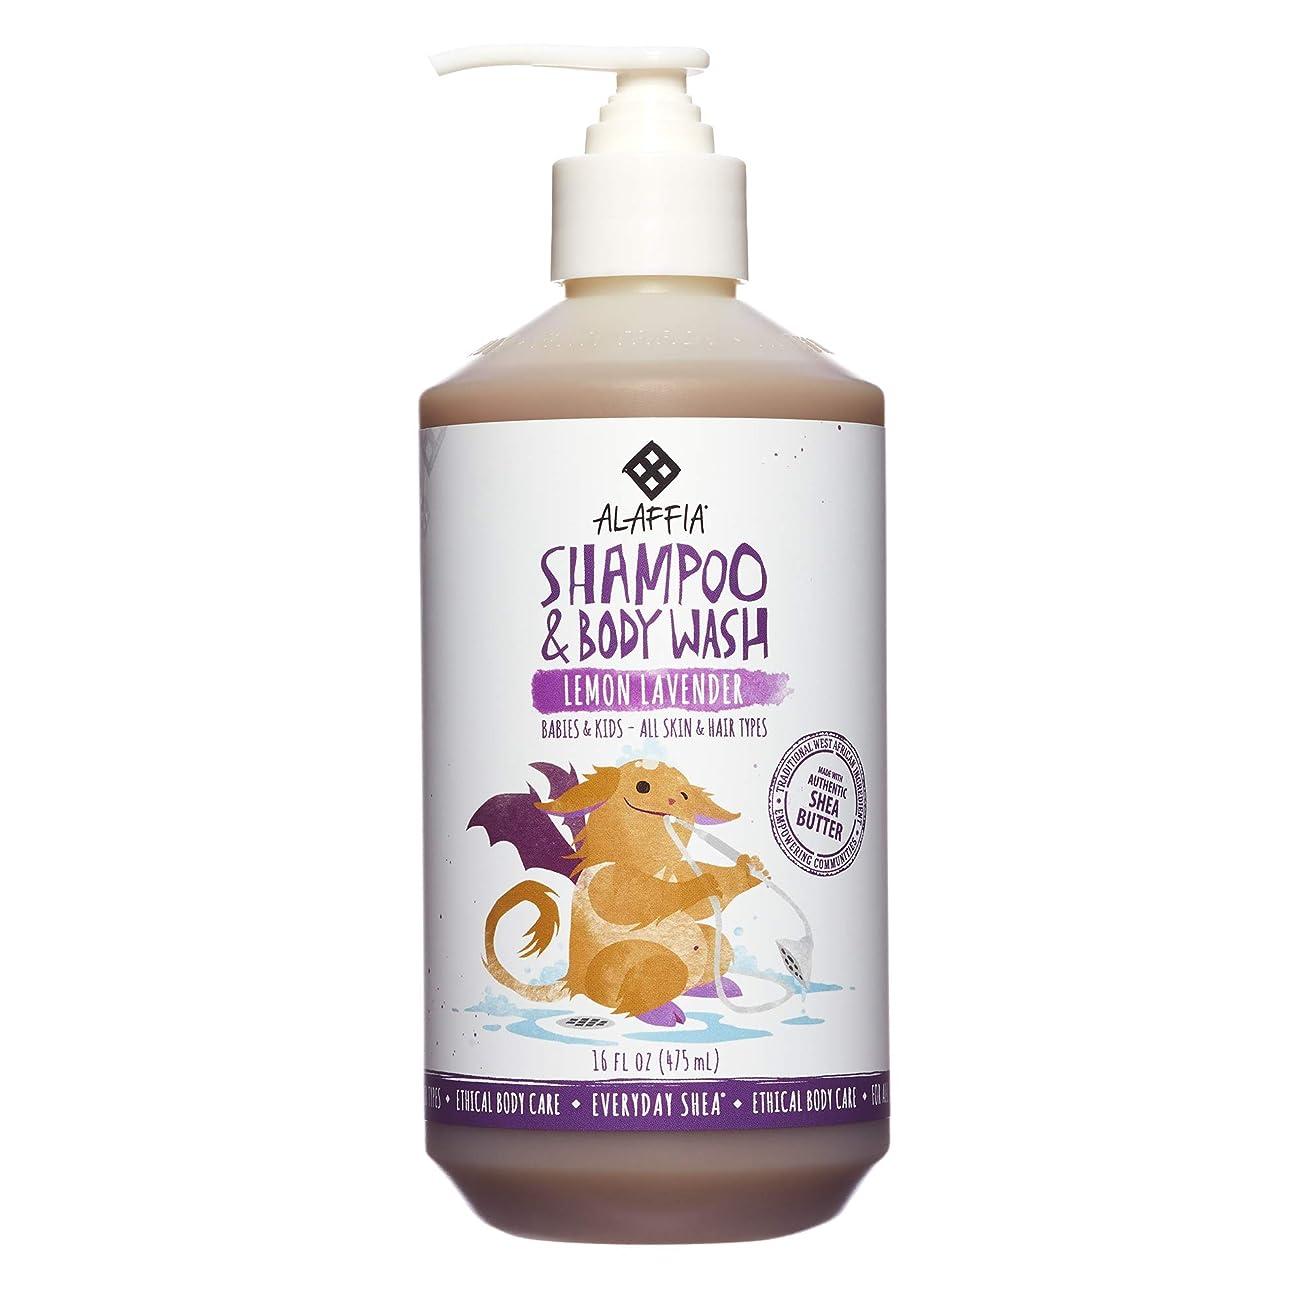 コンピューター虫を数える郵便物Alaffia Everyday Shea Shampoo & Body Wash for Babies and Up Lemon Lavender 16 oz Size: 16 oz CustomerPackageType: Standard Packaging, Model: C580, Baby & Child Shop by Baby & Child Shop